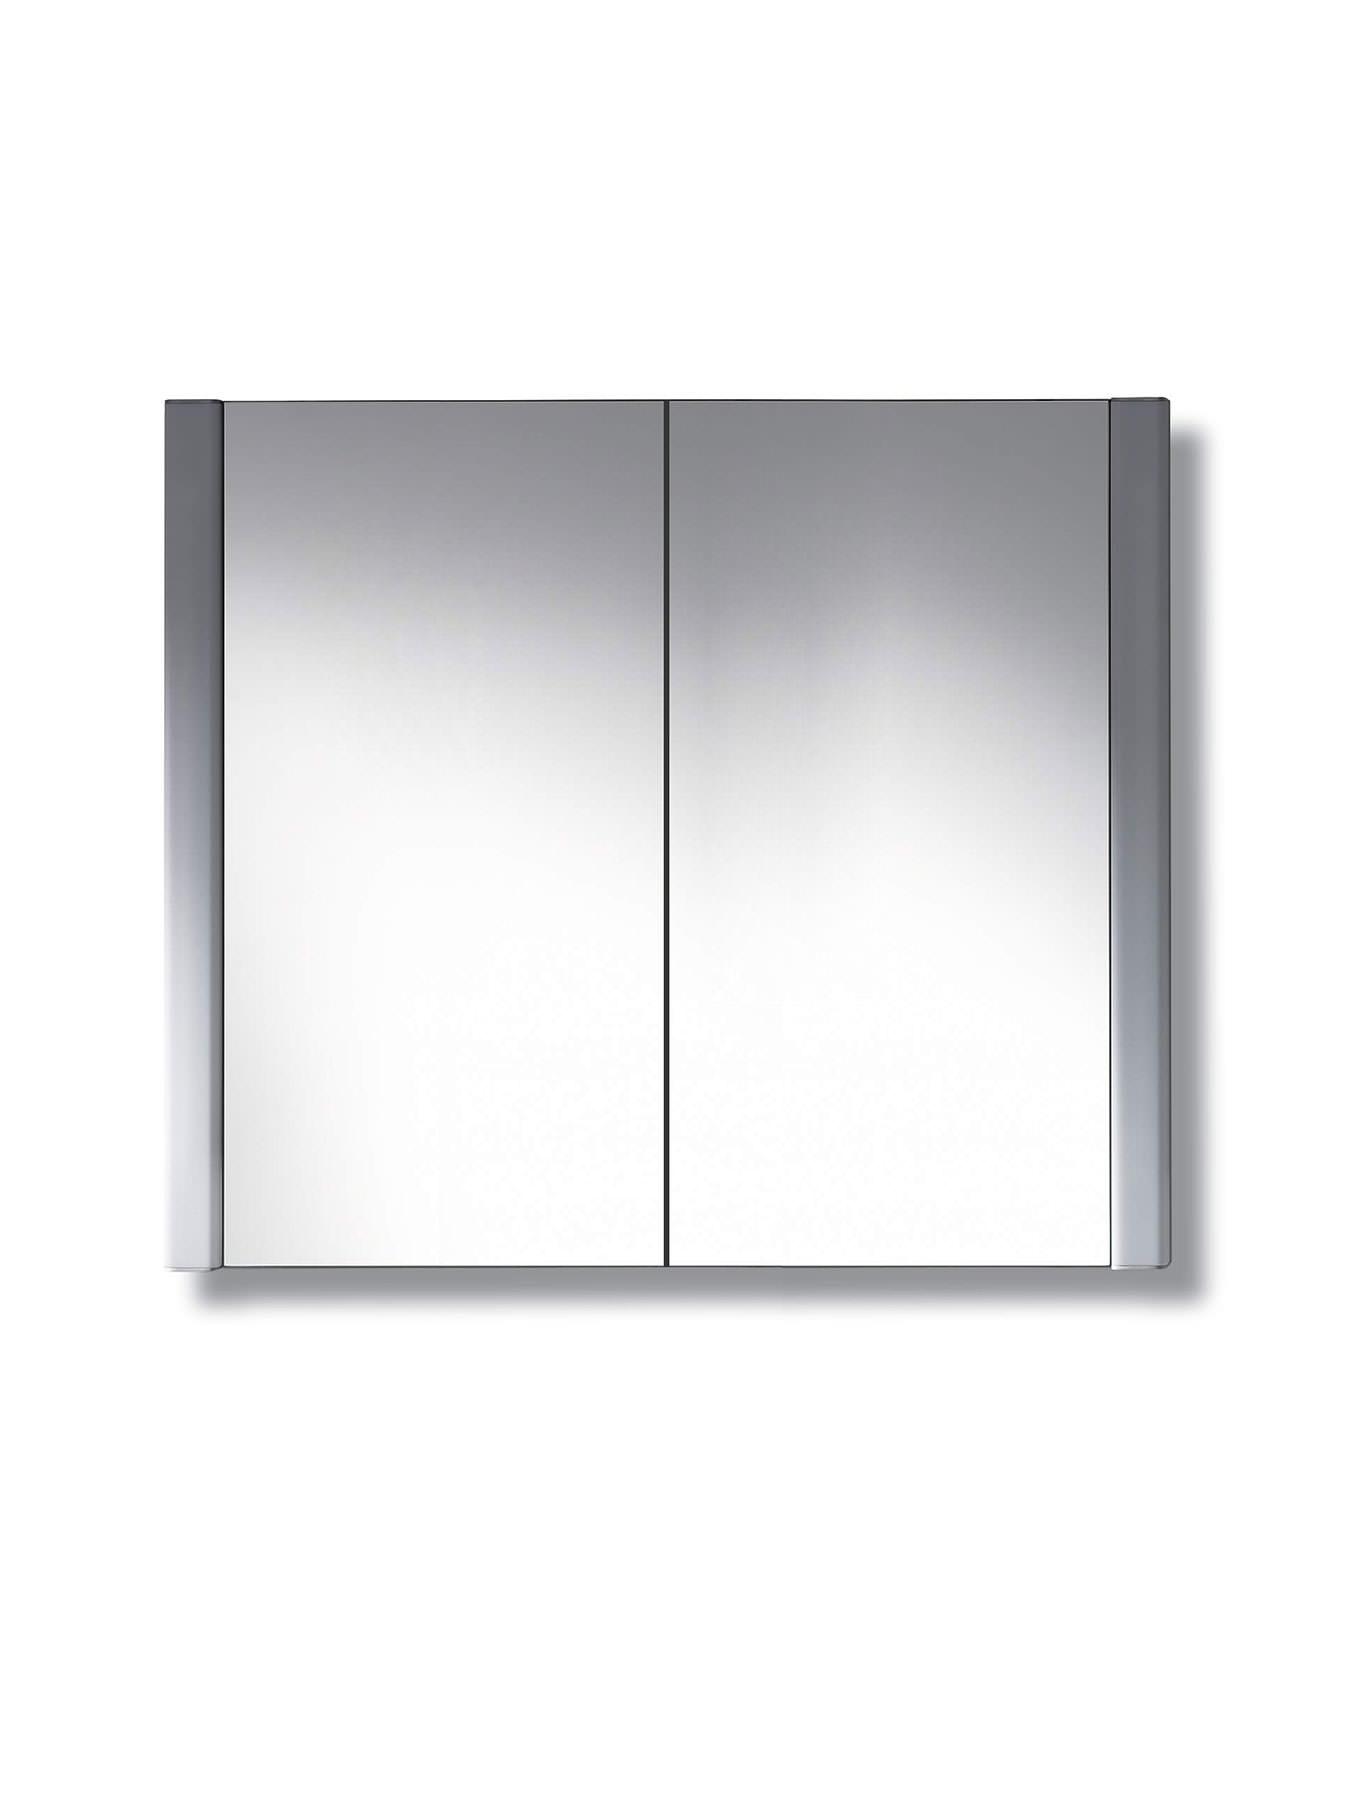 Duravit 600 x 660mm 2 Door Mirror Cabinet - MB 9770